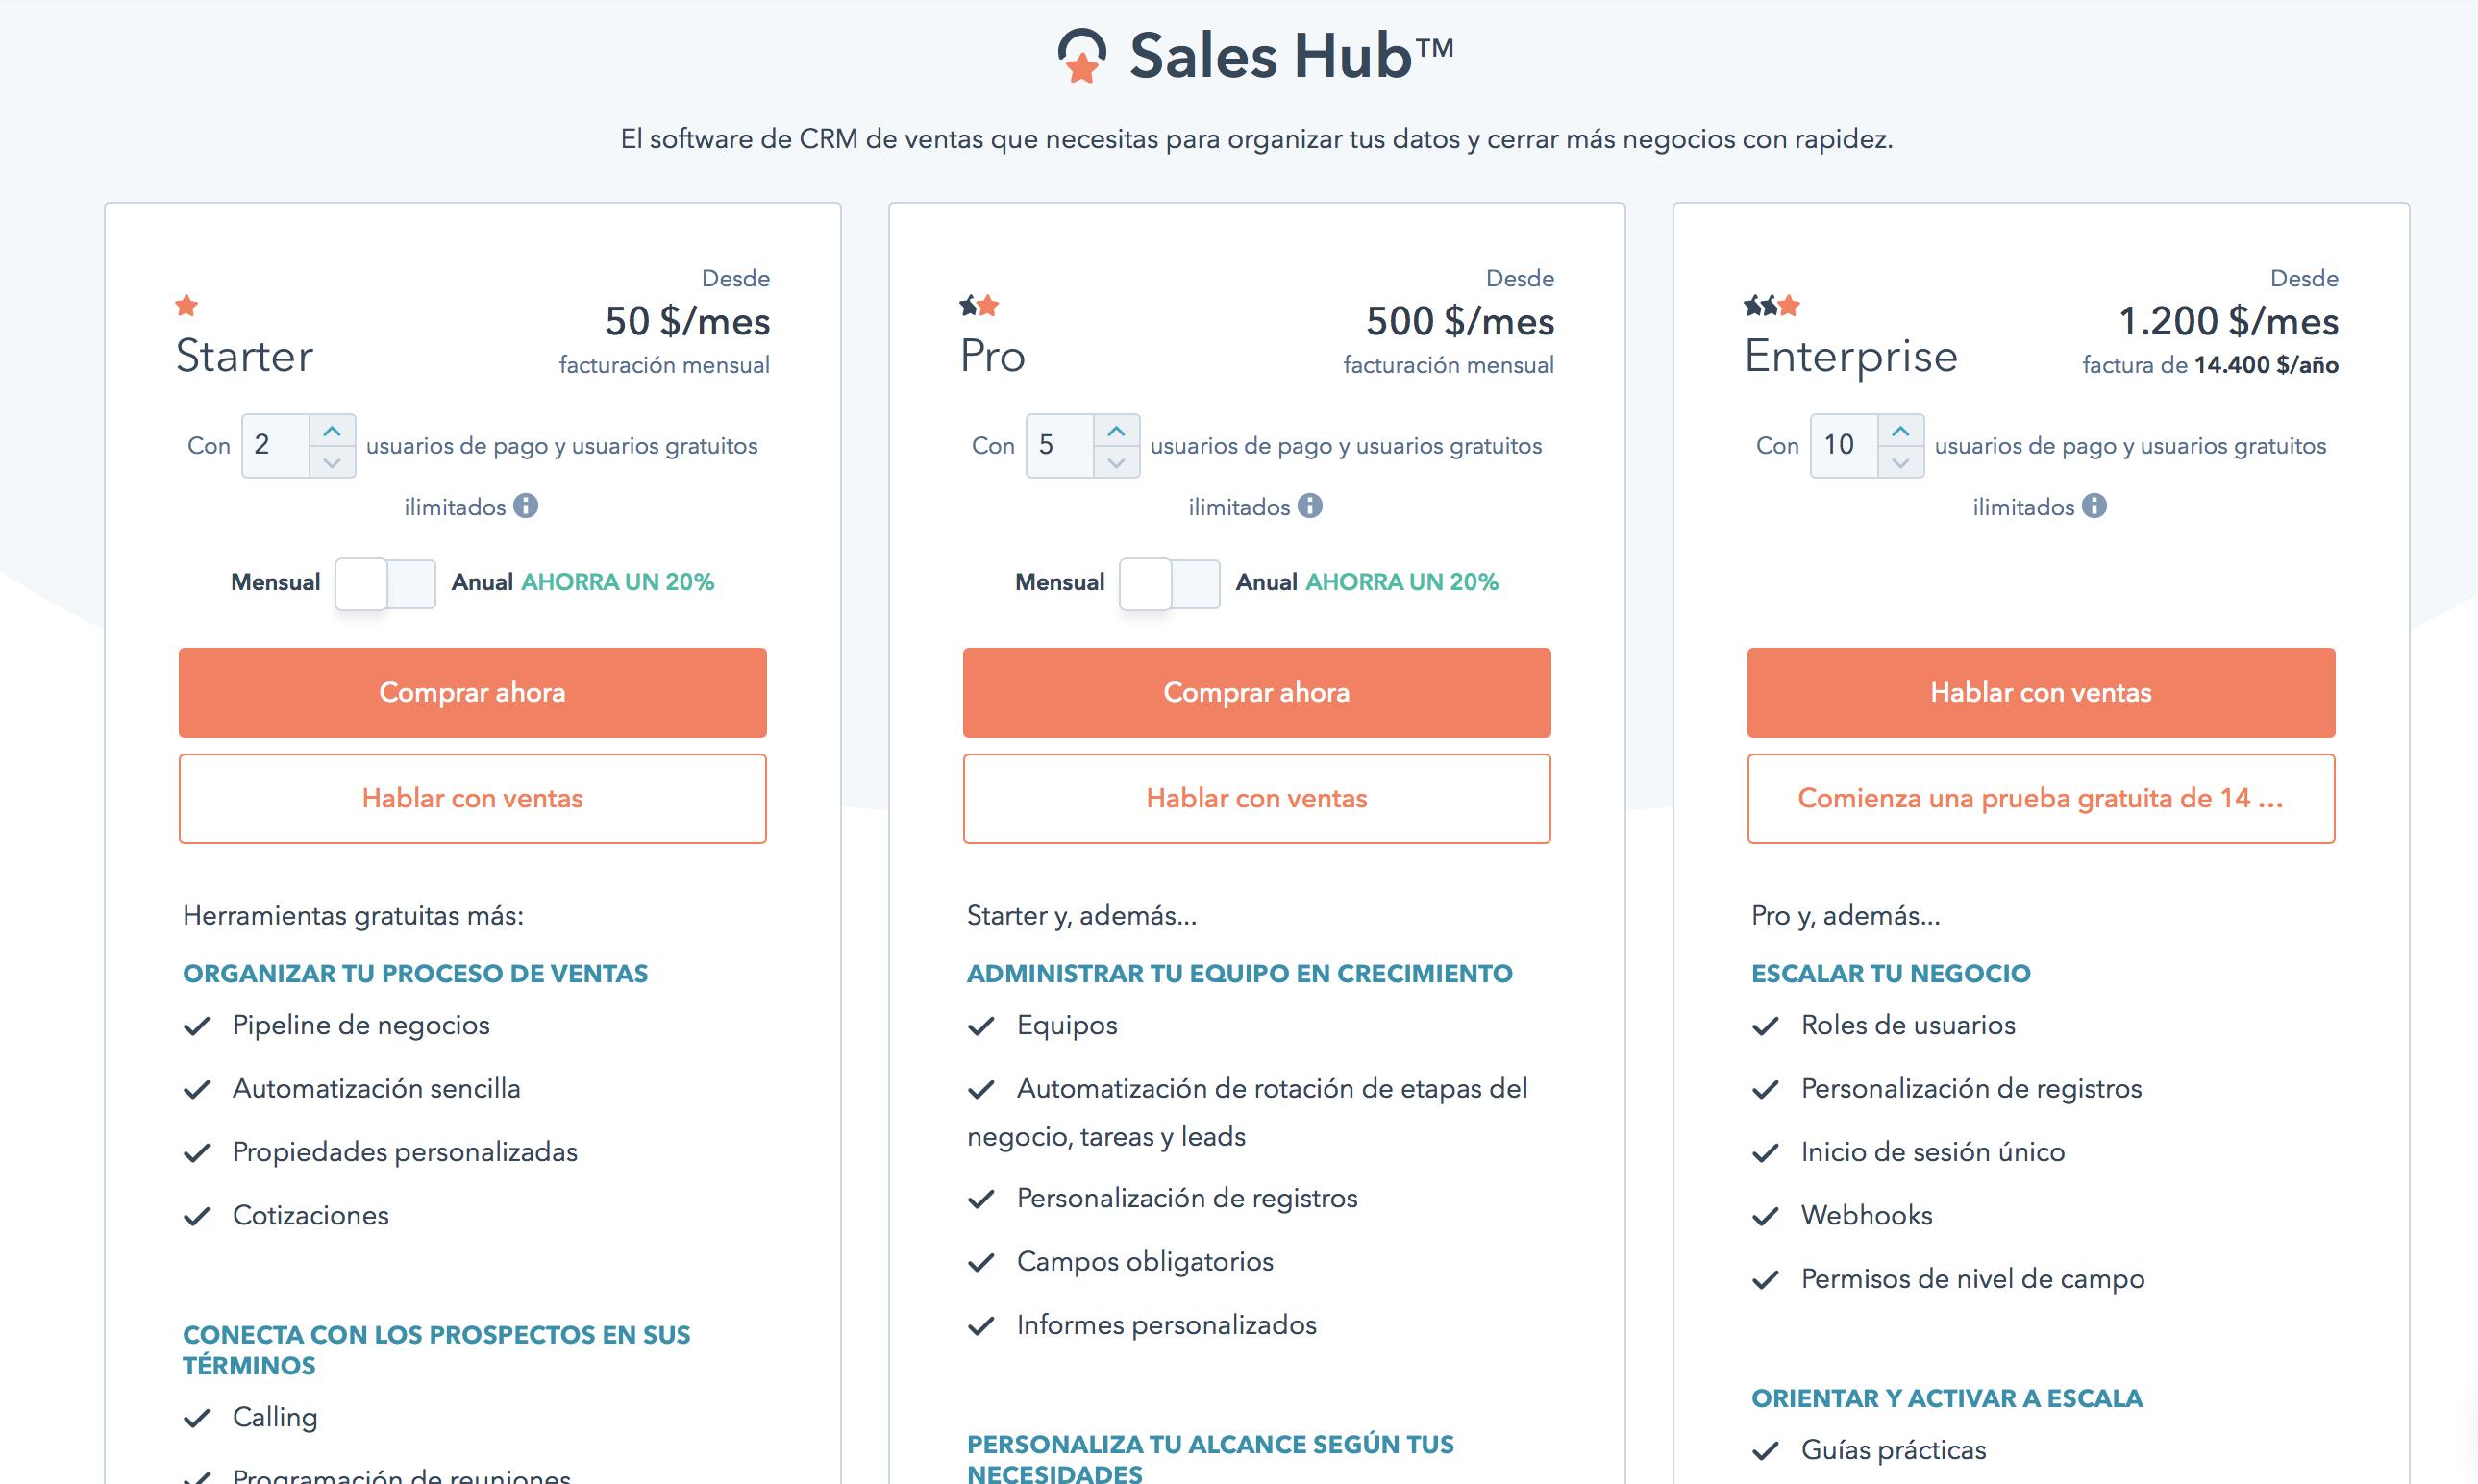 Precios HubSpot Sales Hub Ventas